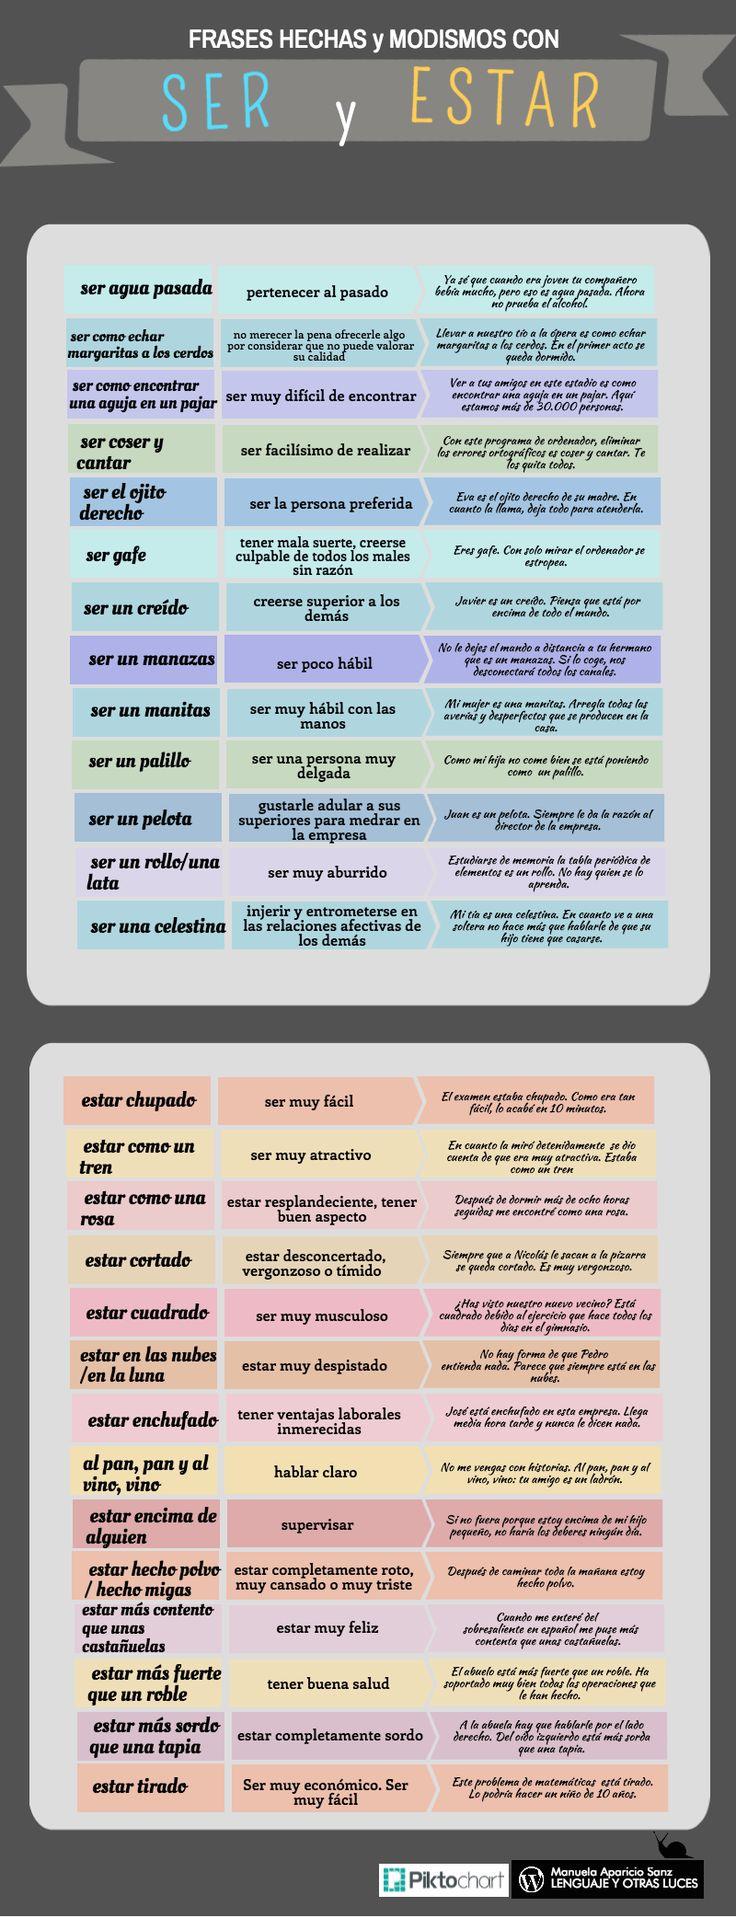 frases hechas con estar